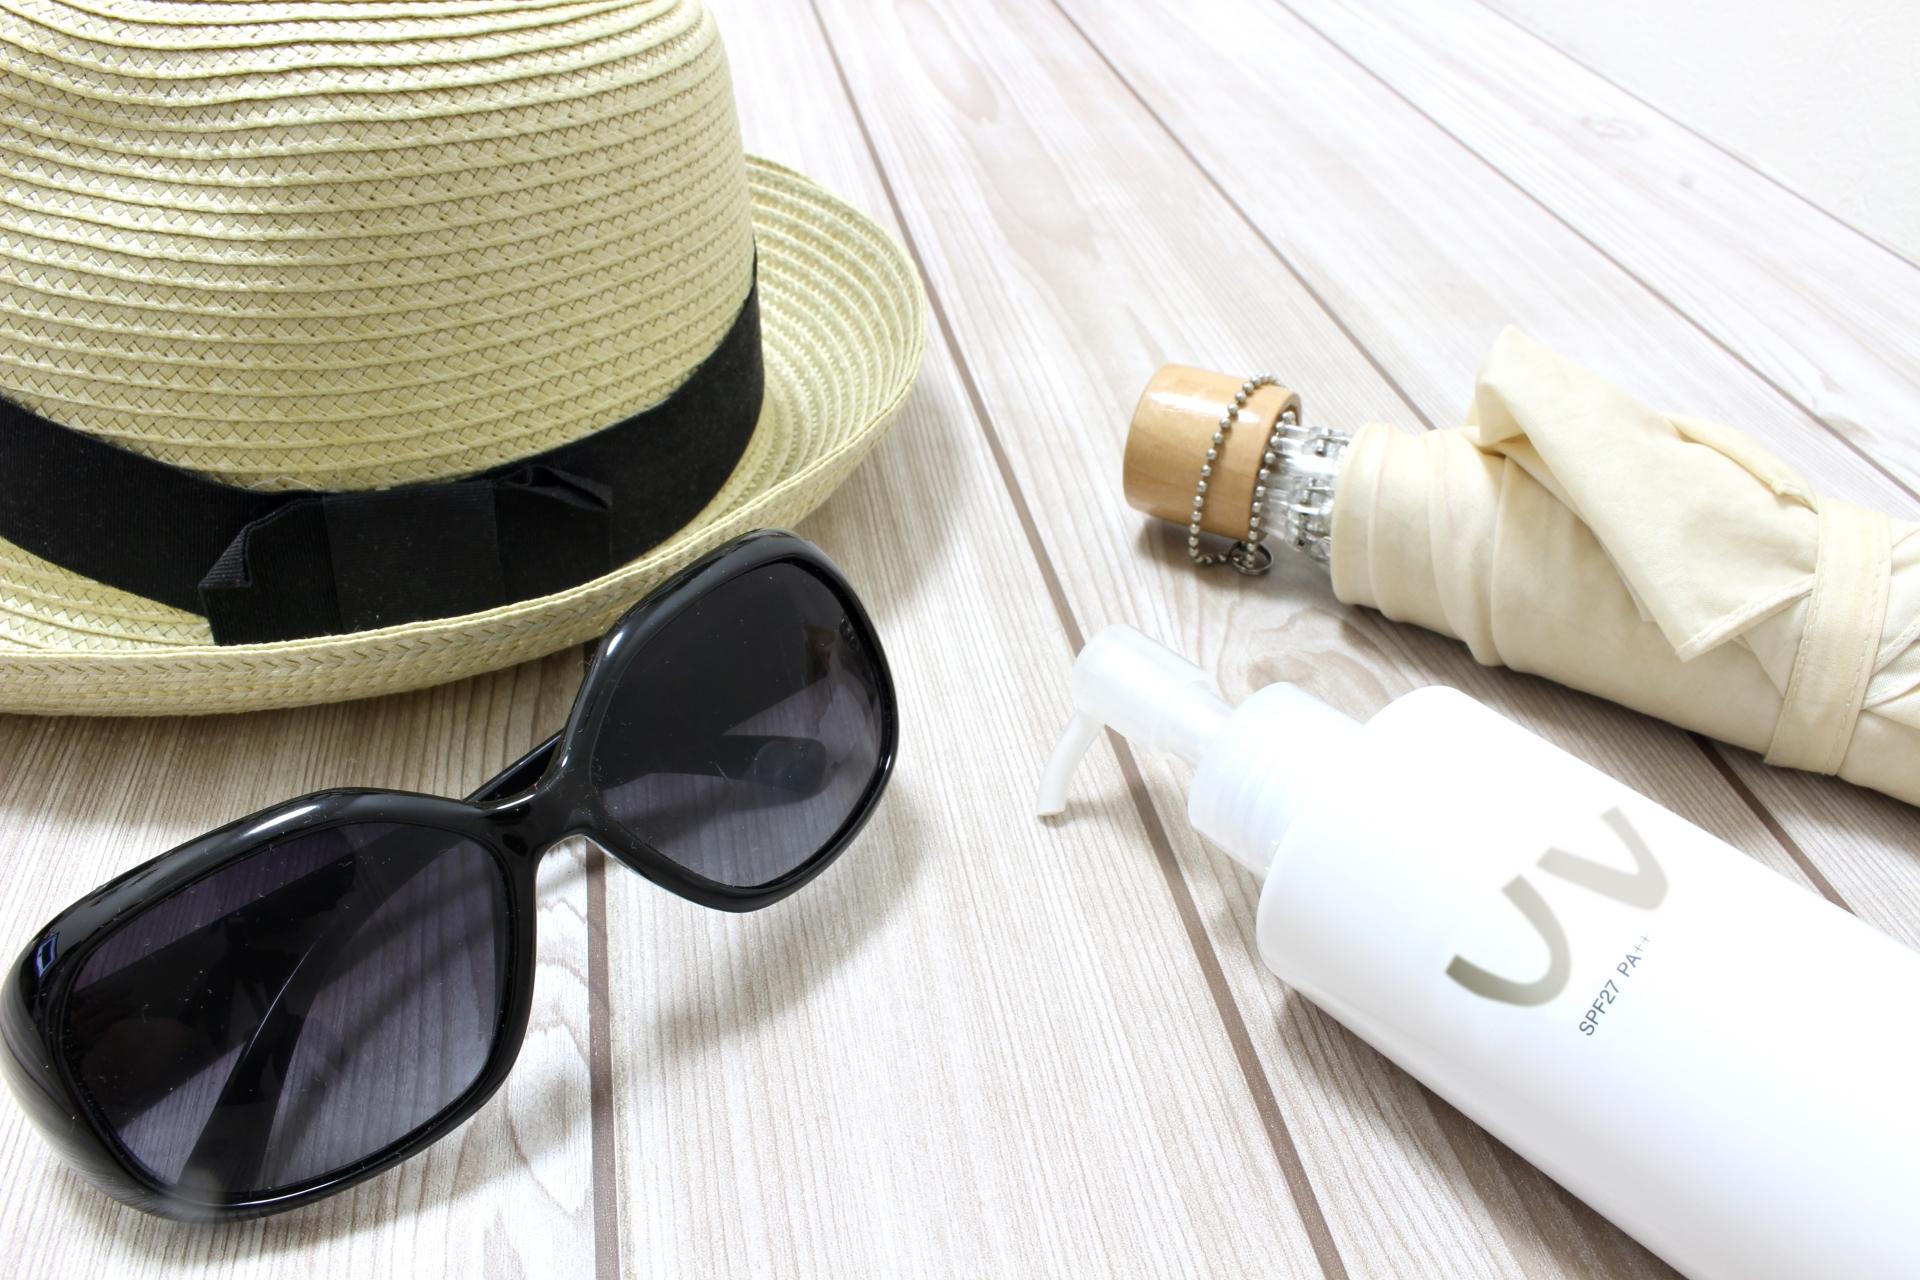 【UVカットフェイスカバーおすすめ5選】顔の日焼けを徹底的に防ぎたい!